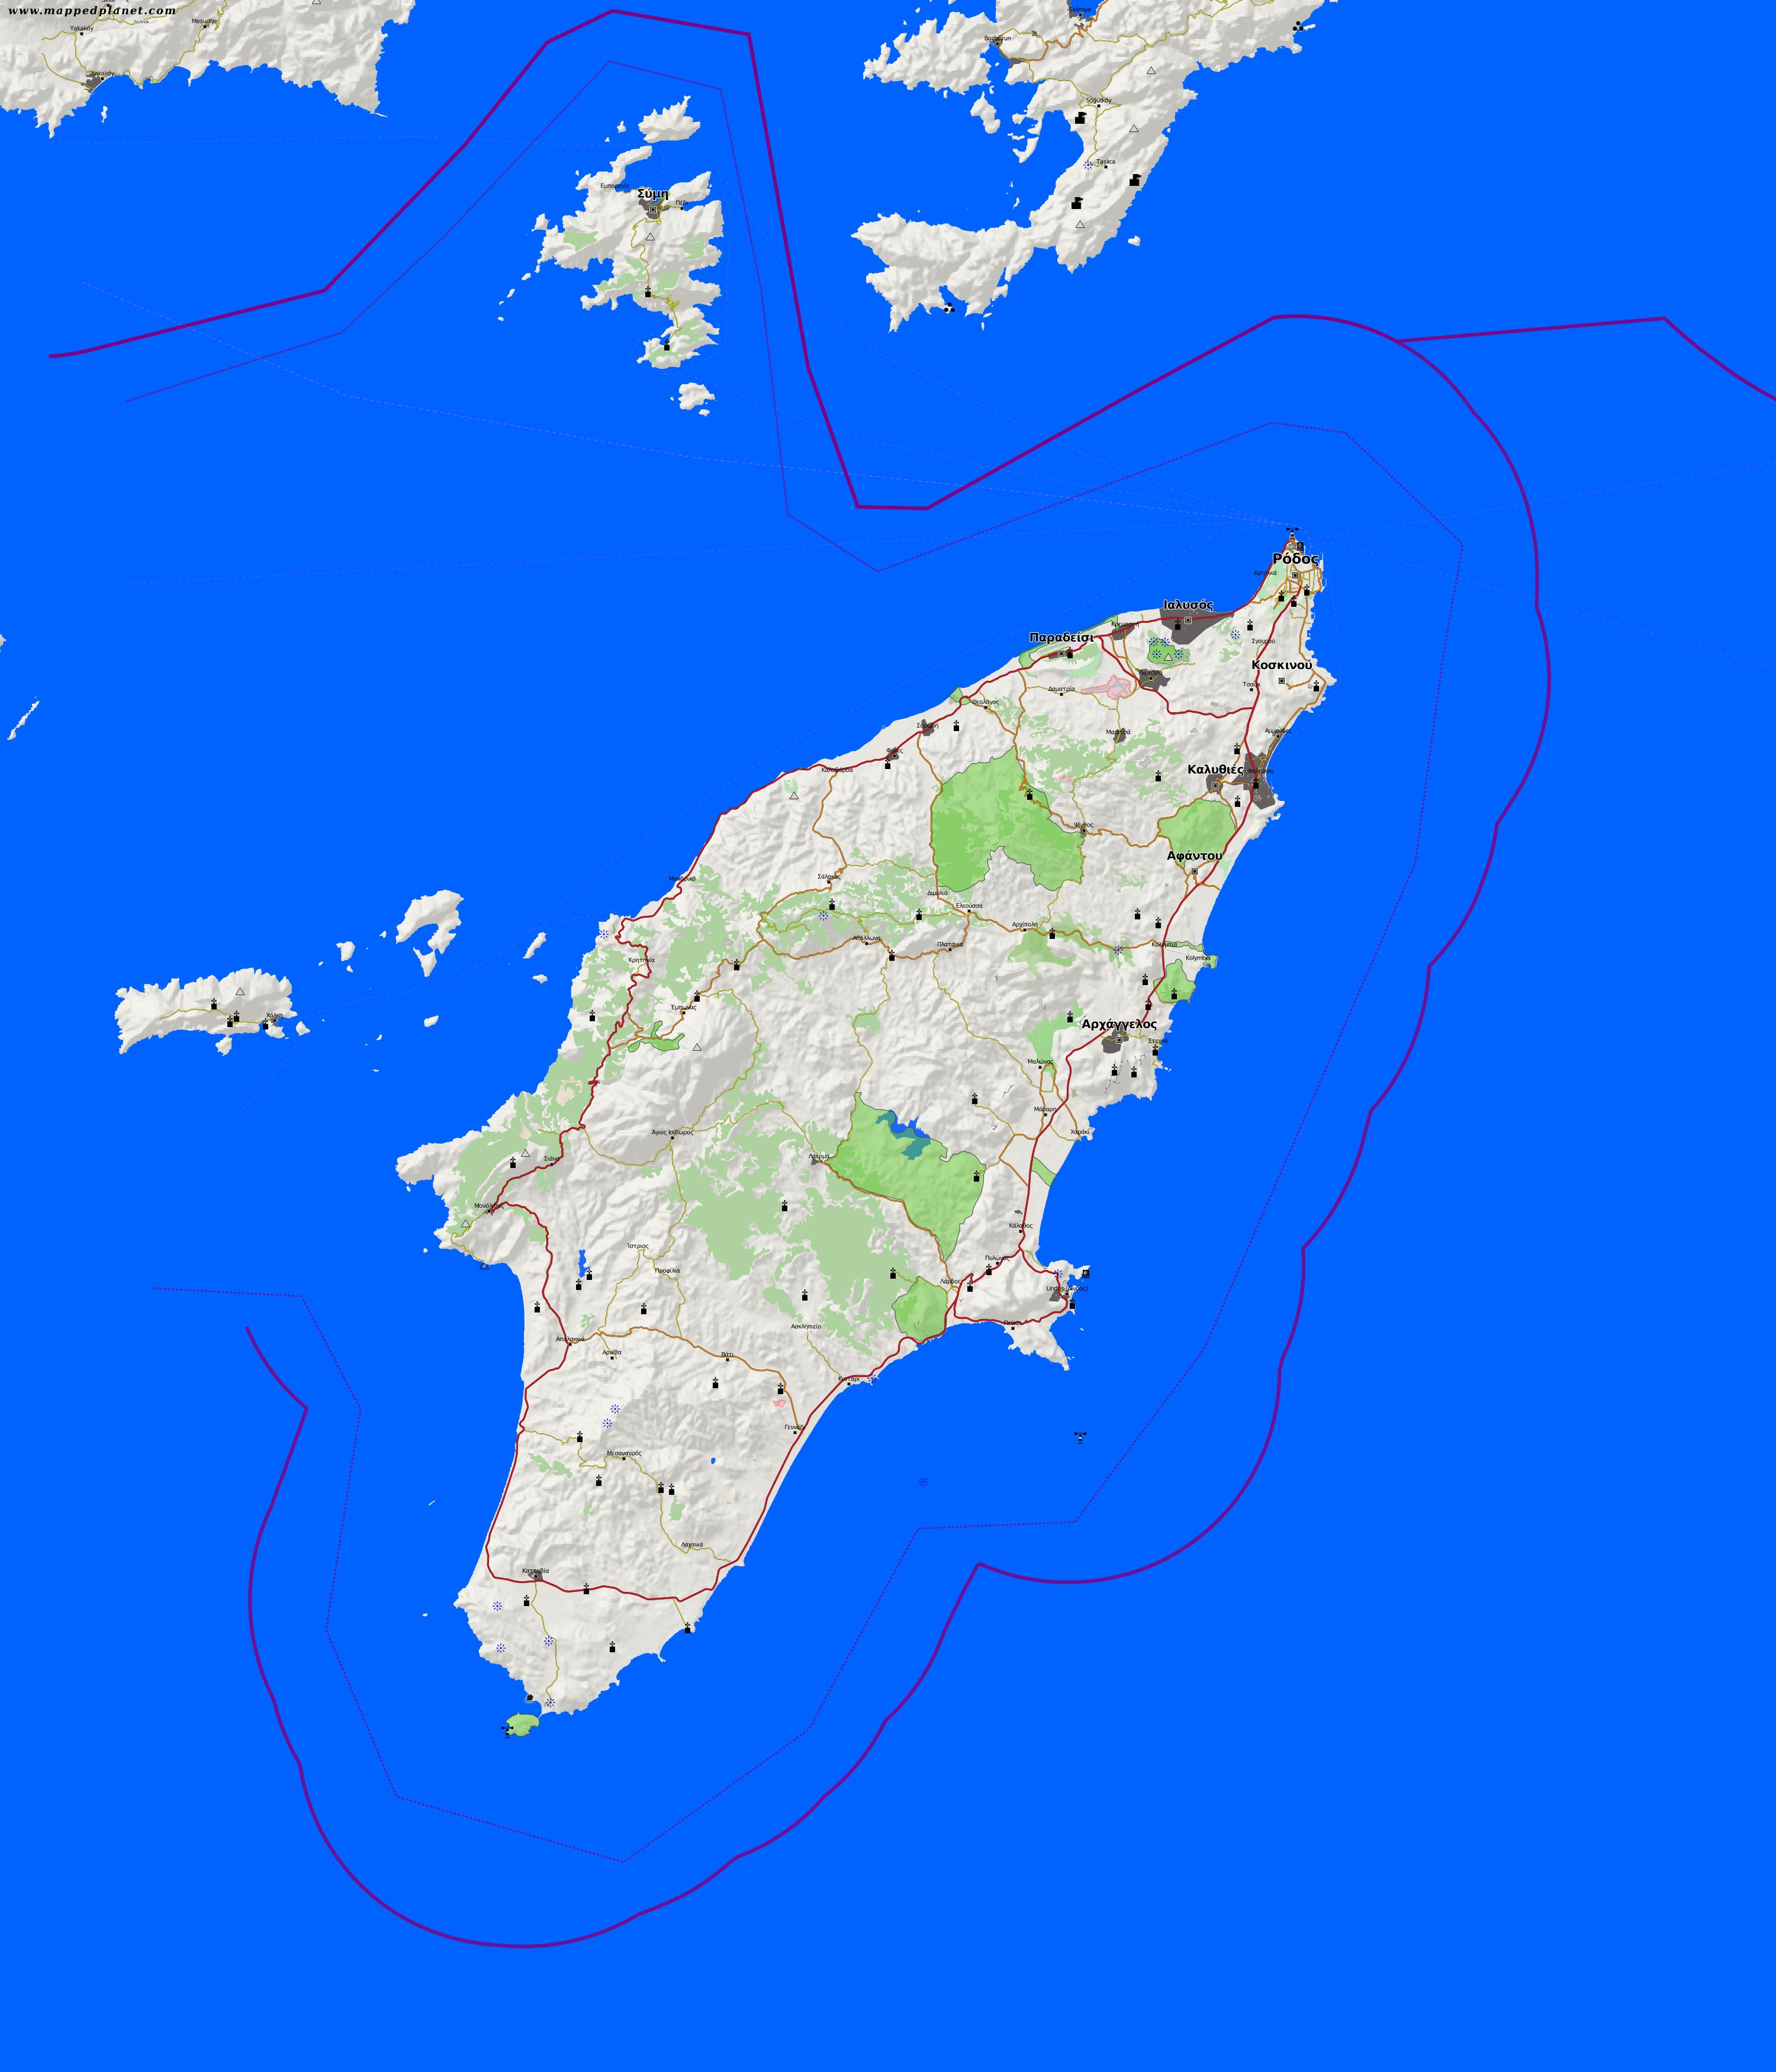 Rhodos Karte Mit Sehenswürdigkeiten.Karten Und Stadtpläne Rhodos